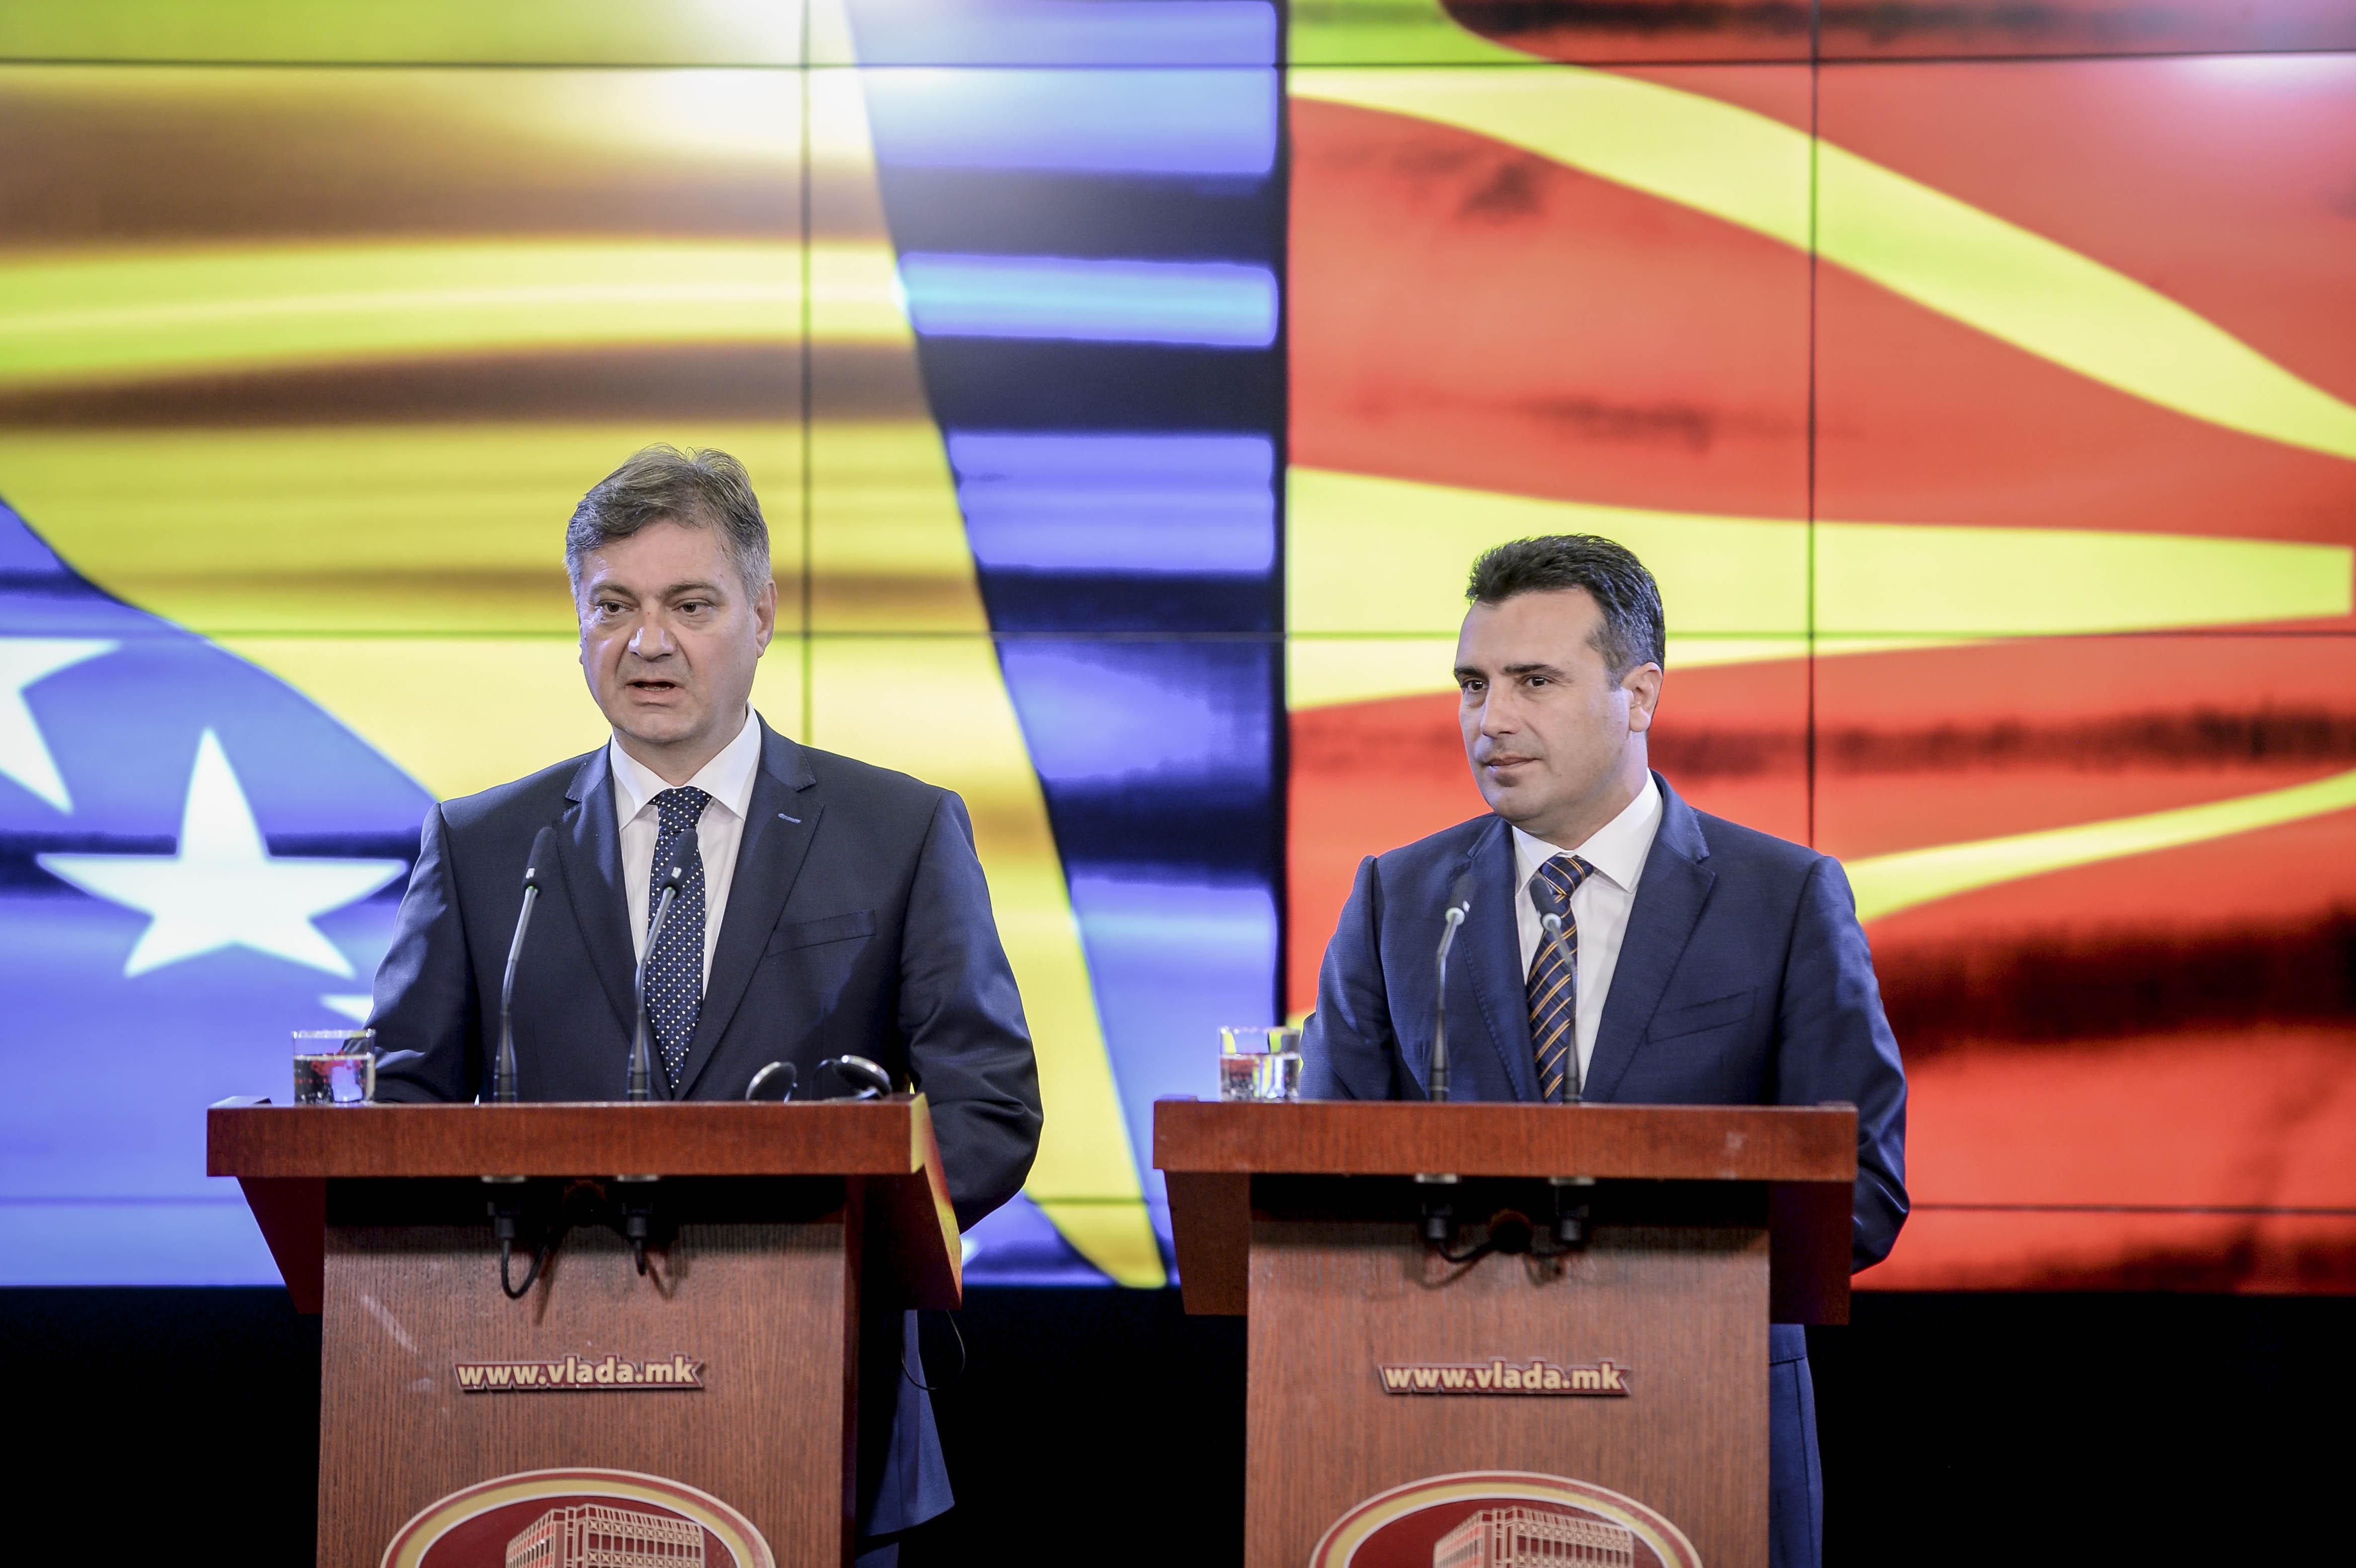 Заев Звиздиќ  Западен Балкан не е дел од проблемот  туку дел од решението